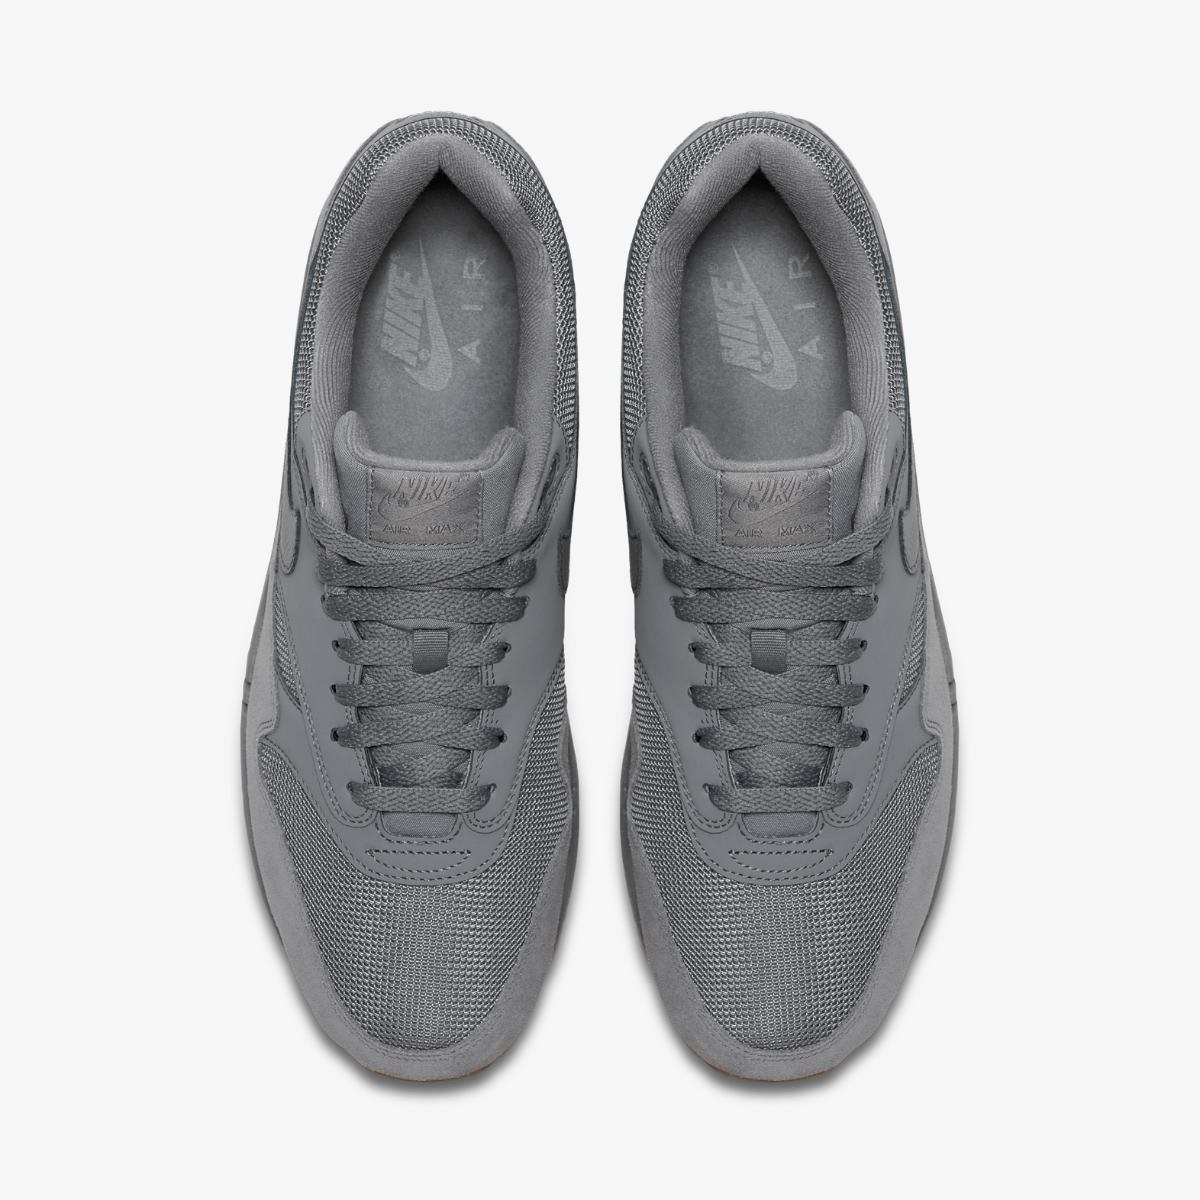 Кроссовки Nike AIR MAX 1 AH8145-005 купить  436efa194124d